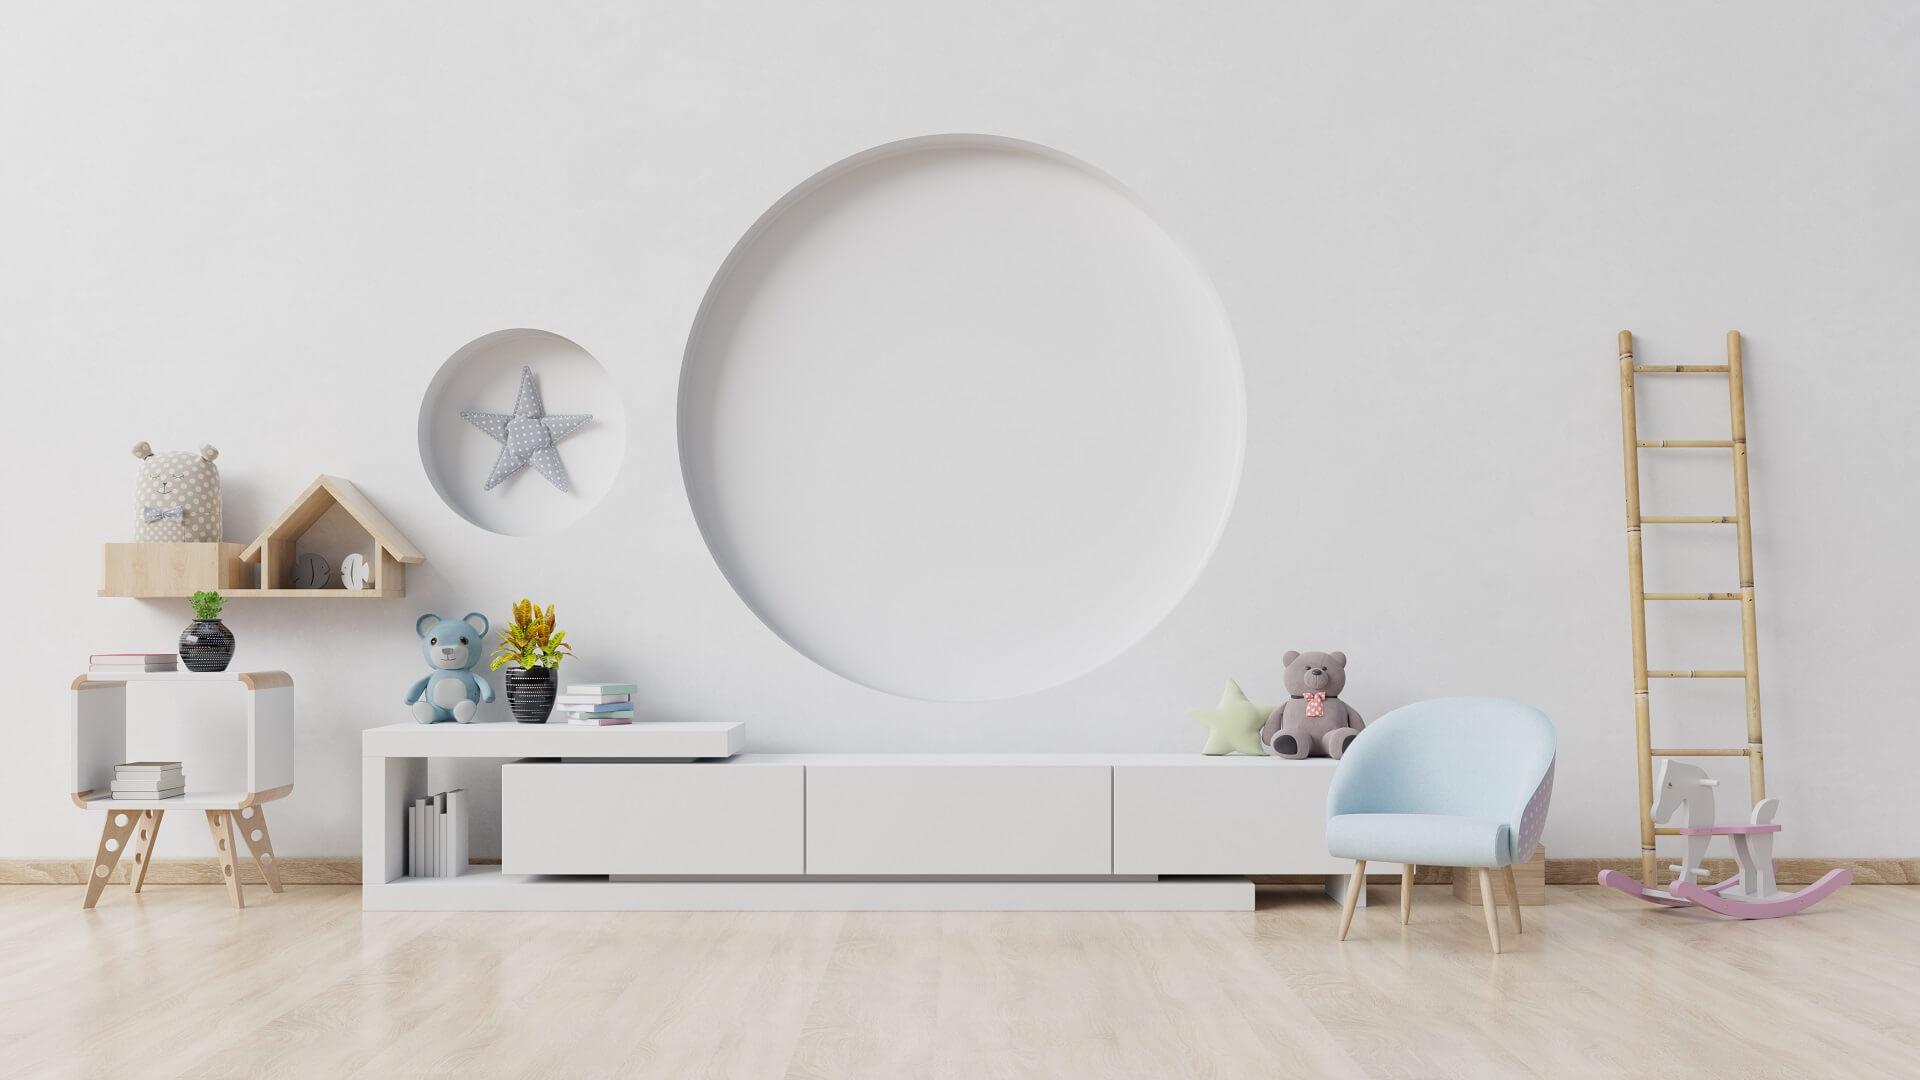 Дизайн детской комнаты 2021: модные тенденденции, цвета, стили